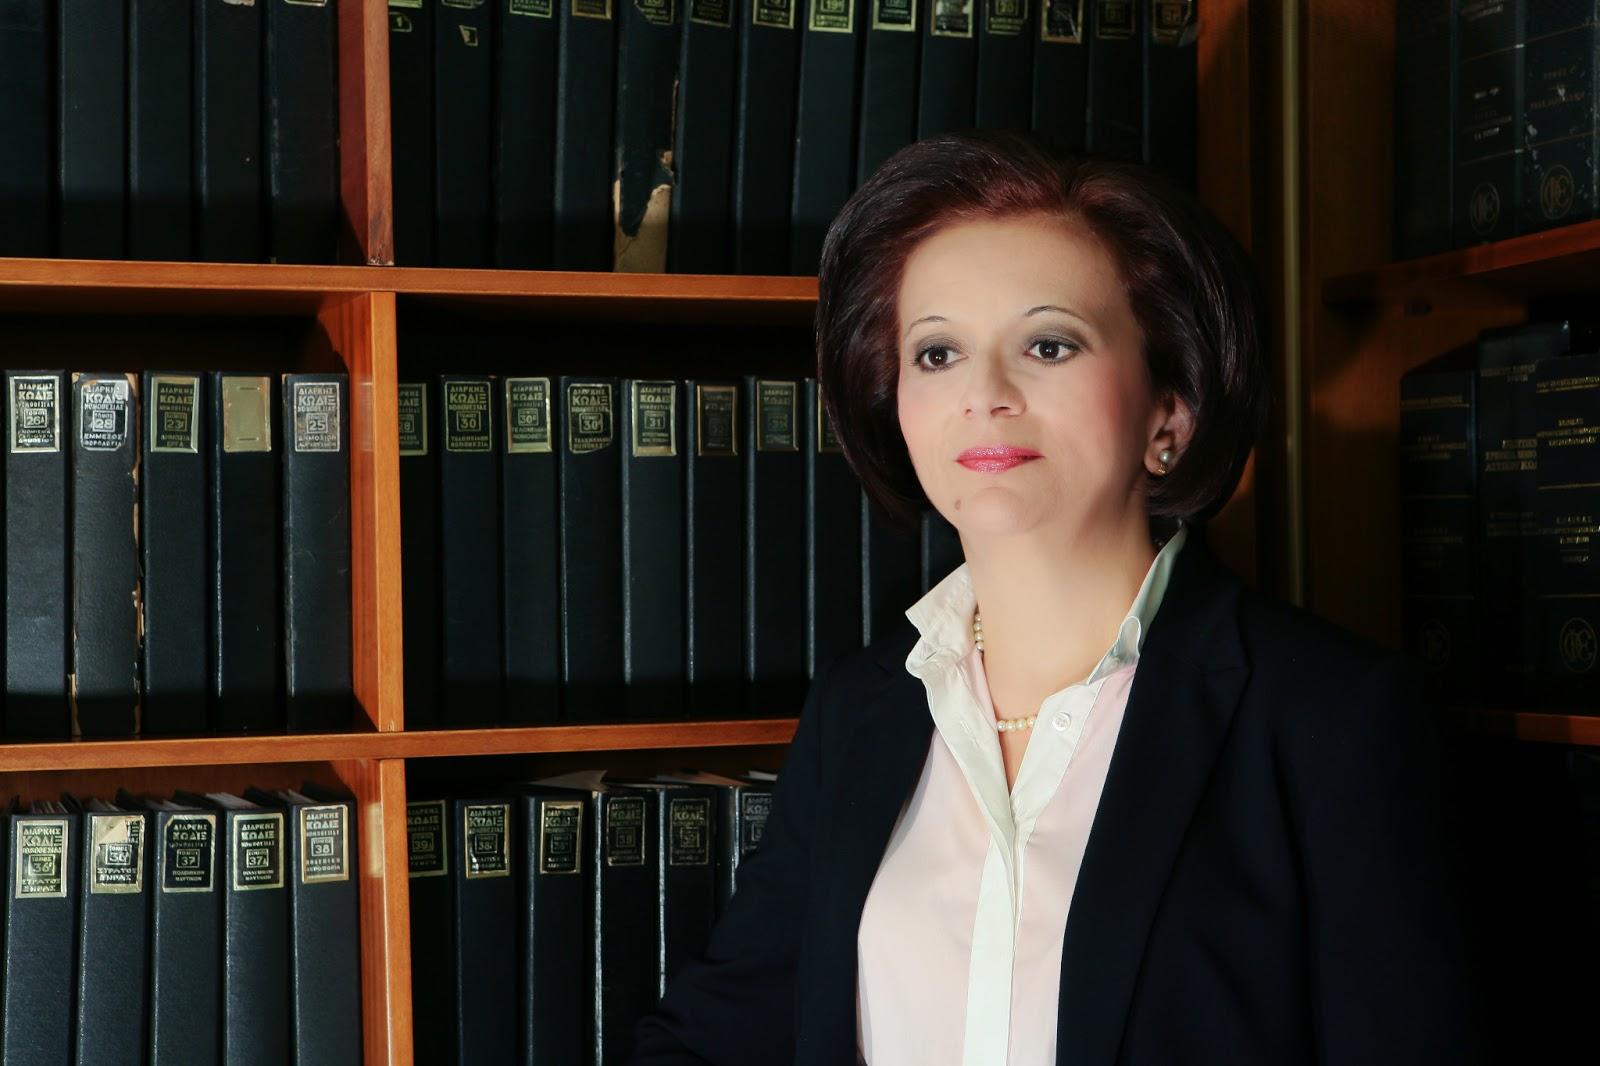 Δήλωση Μαρίνας Χρυσοβελώνη για την ημέρα μνήμης της γενοκτονίας των Ελλήνων